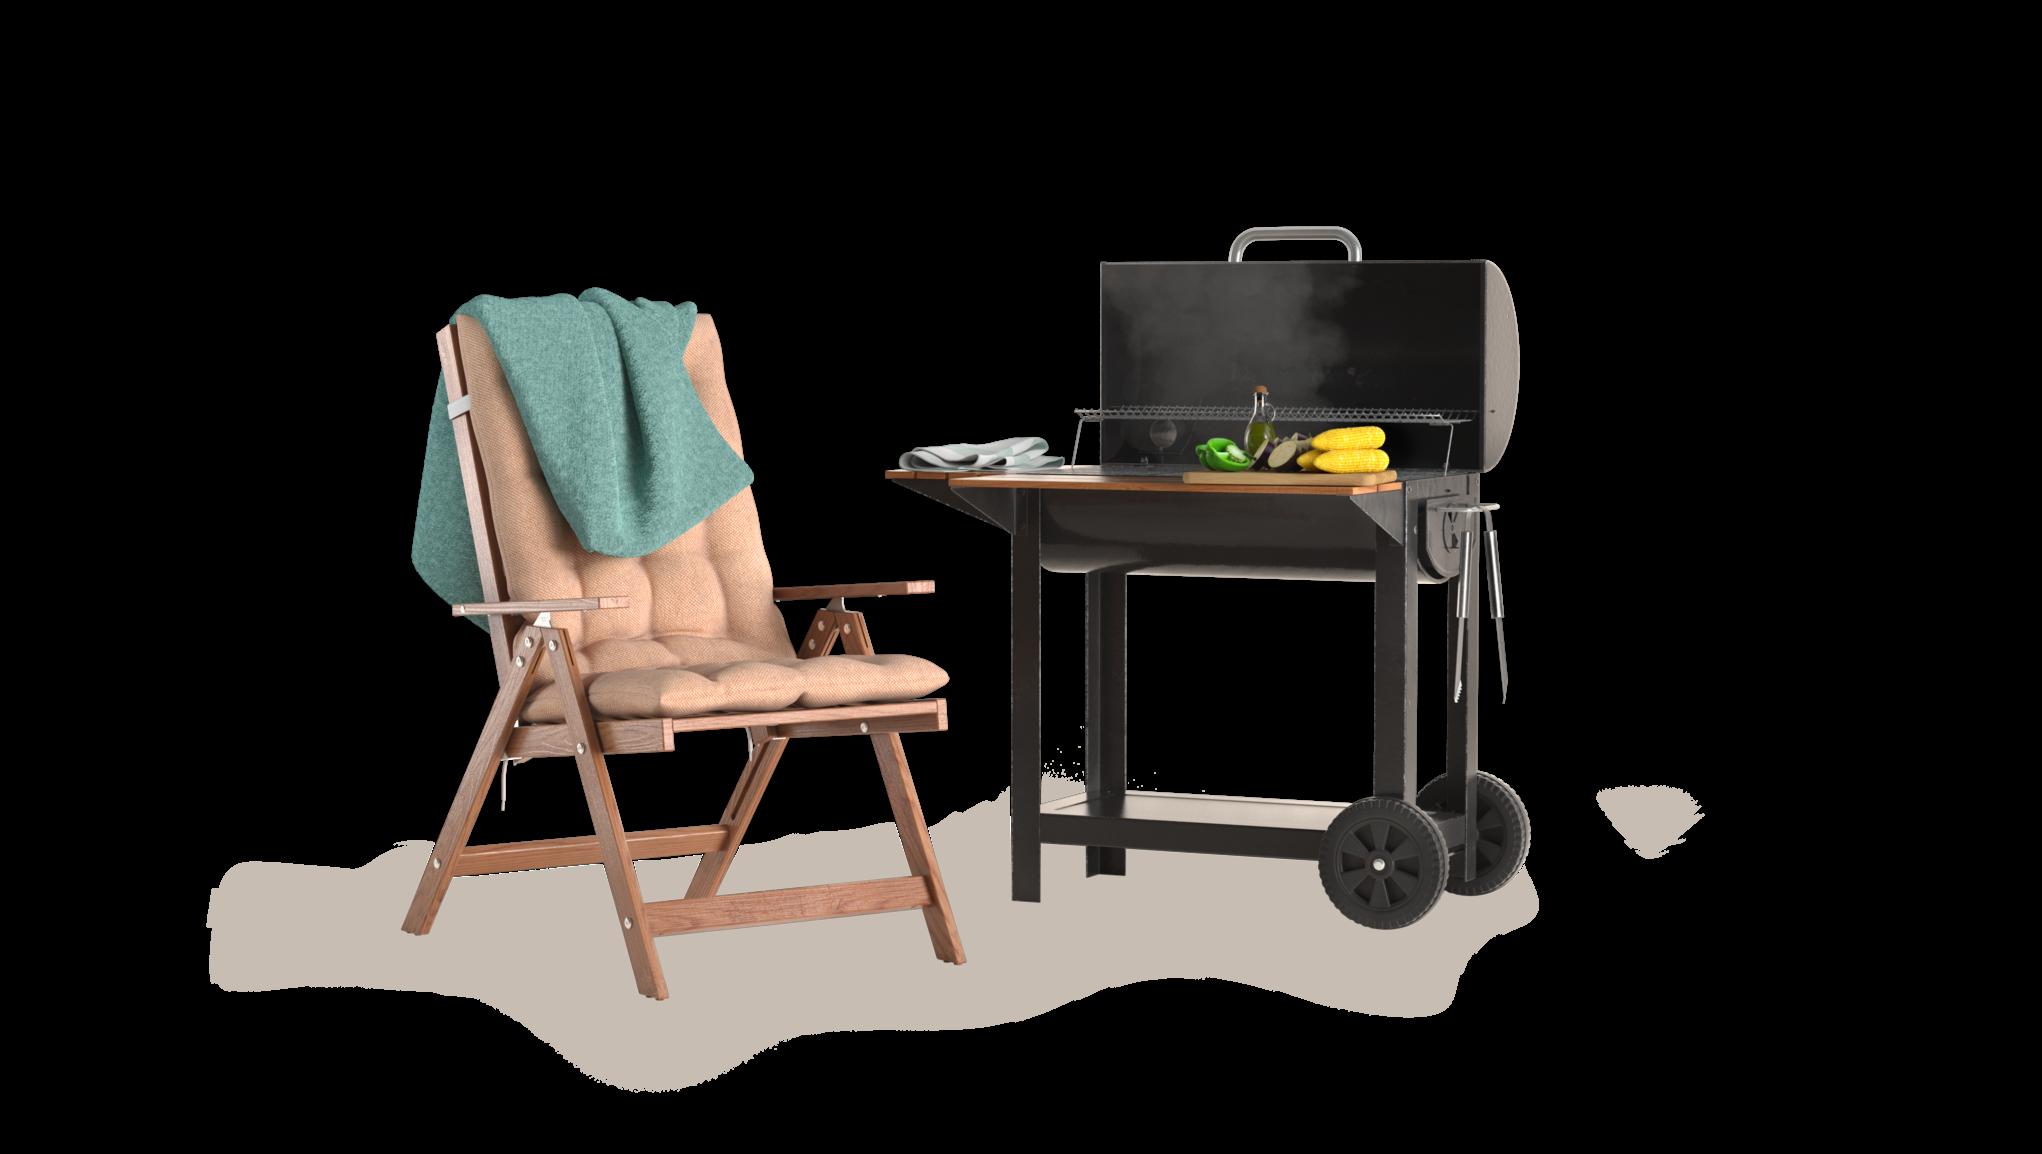 Utemöbler och grill